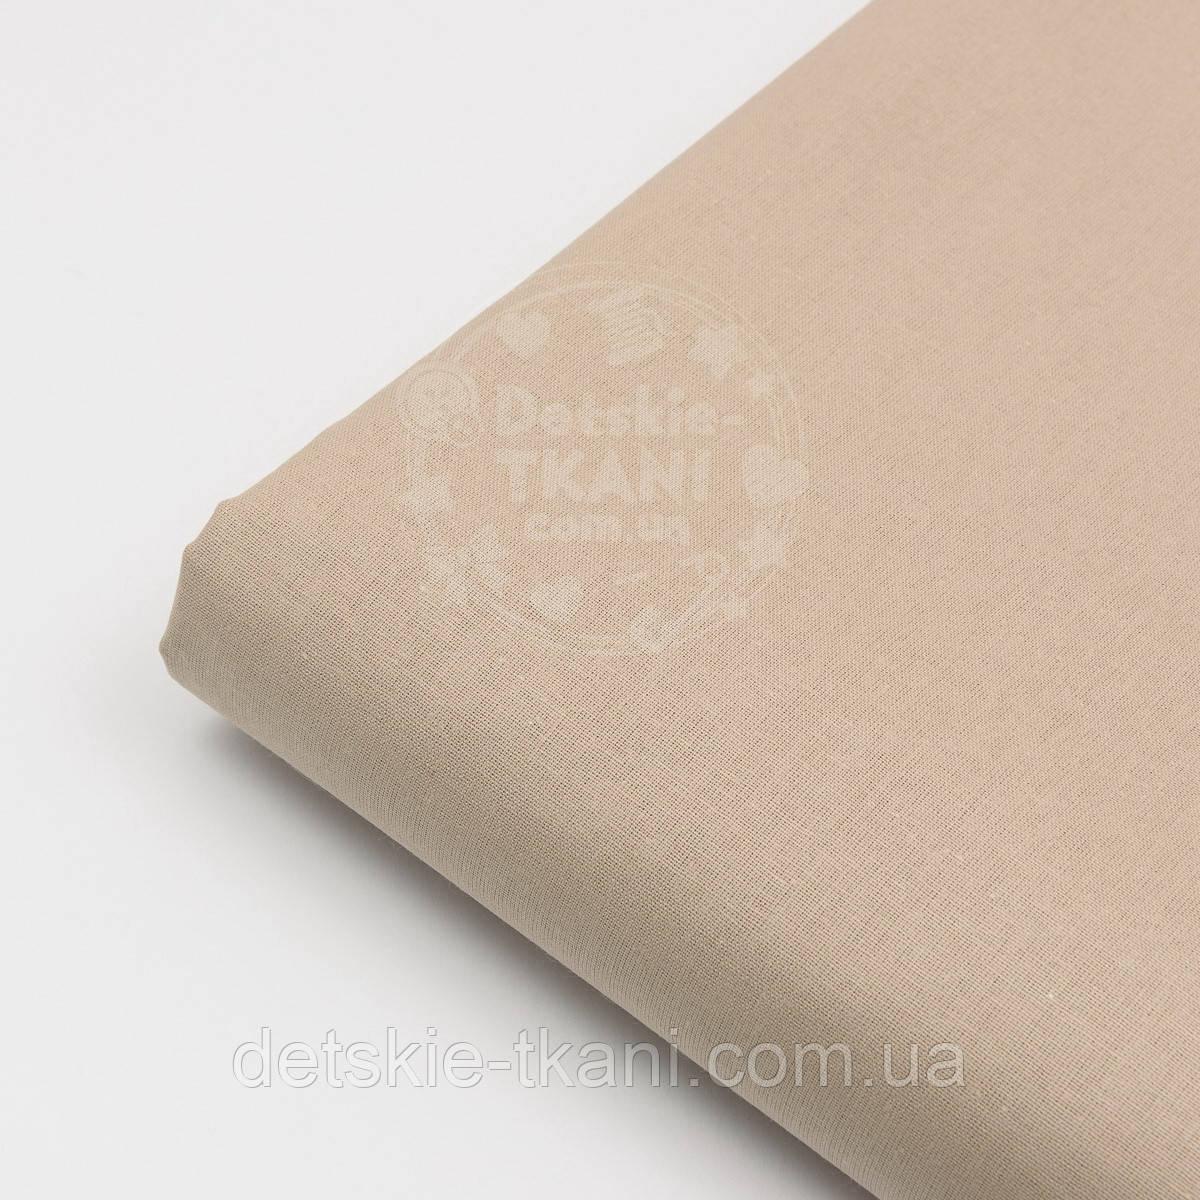 Відріз тканини, темно-бежевого кольору (№1559), розмір 55 * 160 см